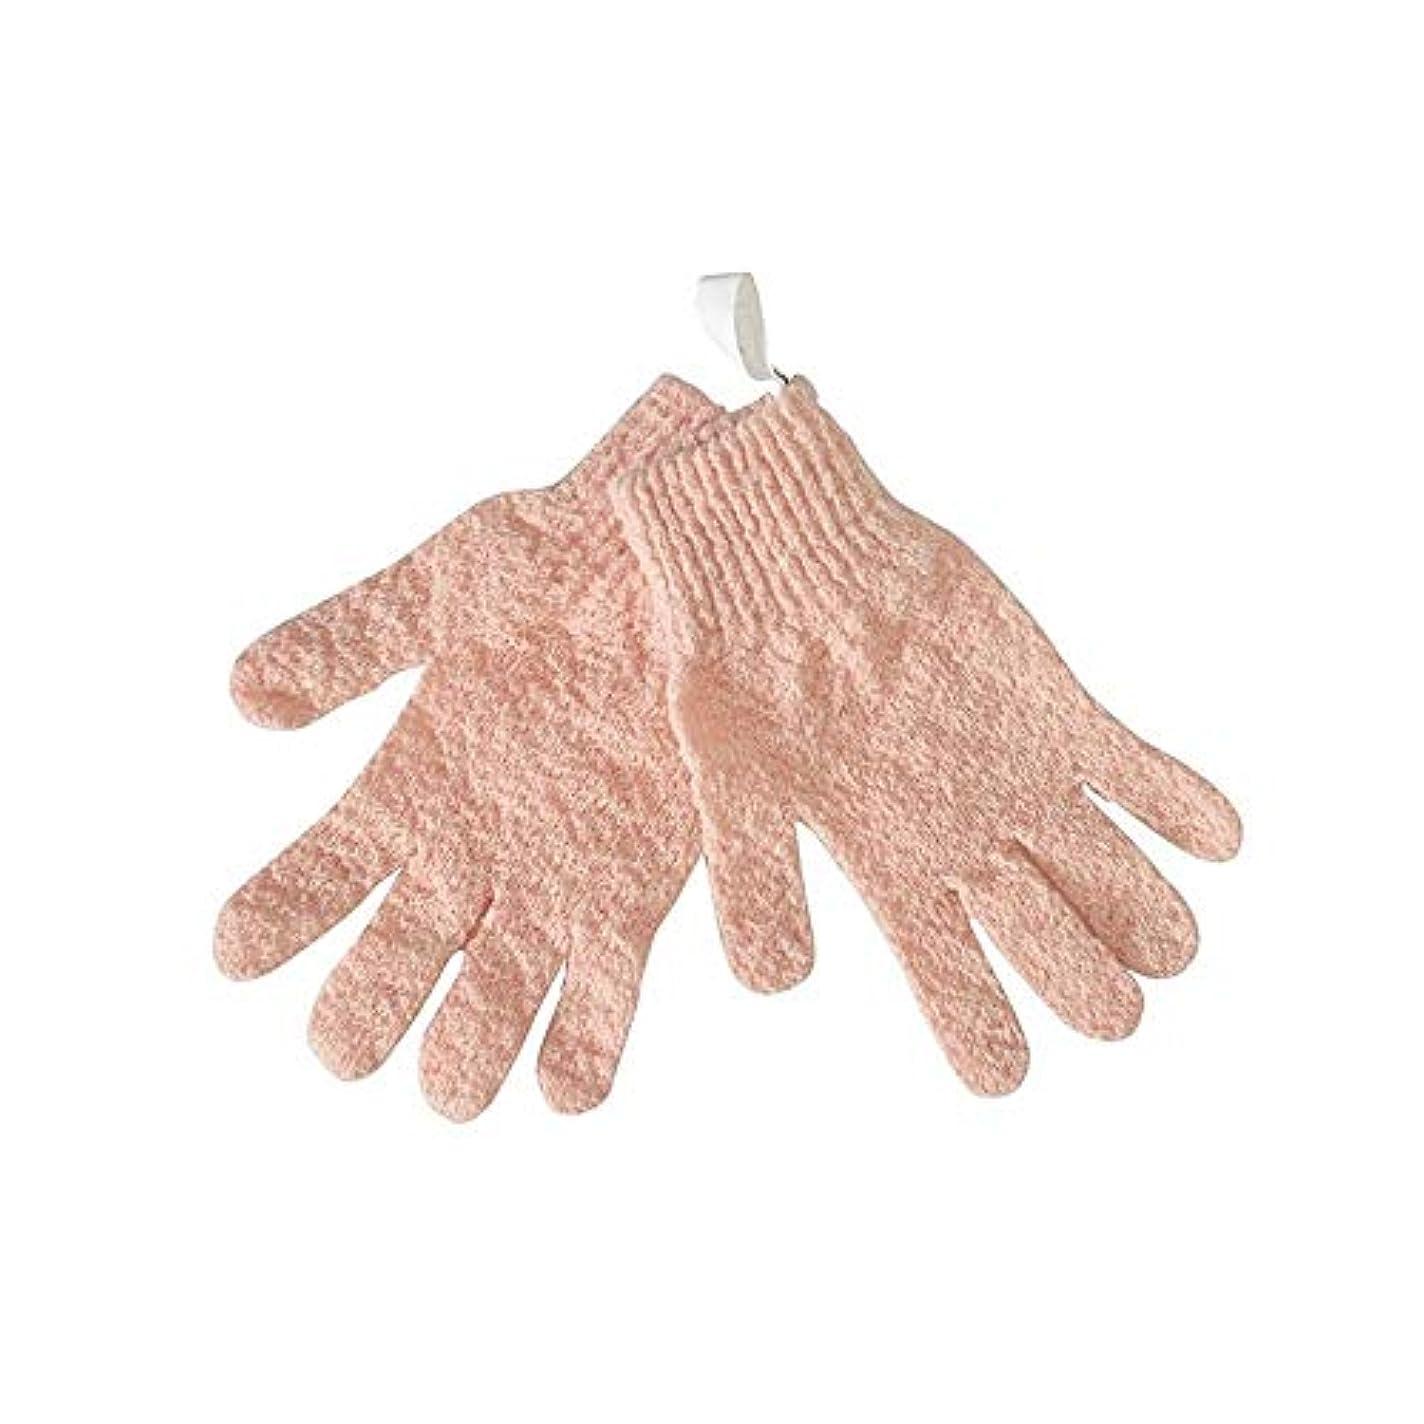 ありがたい取り出すフォージBTXXYJP シャワー手袋 お風呂用手袋 あかすり手袋 ボディブラシ ボディタオル やわらか バス用品 男女兼用 角質除去 (Color : Pink)